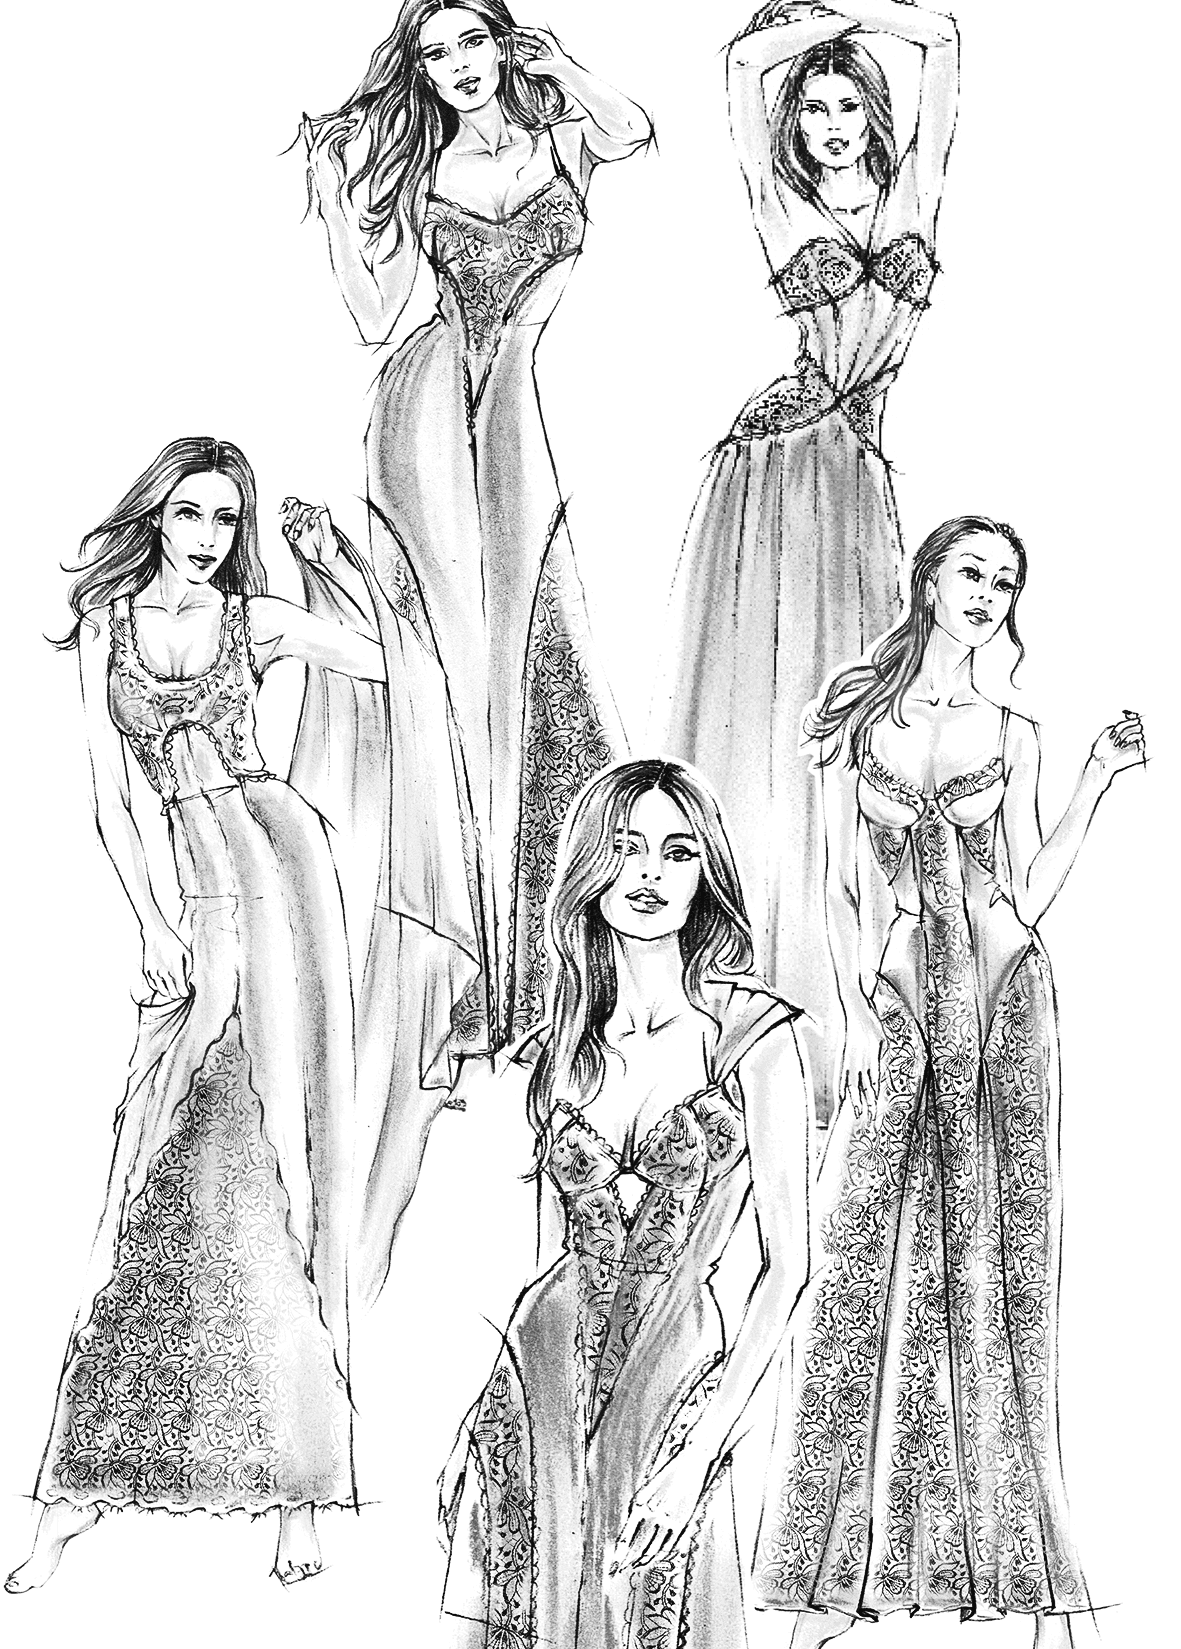 Die Abbildung zeigt vier technische Zeichnungen von Dessous oder Nachthemden zum nähen.